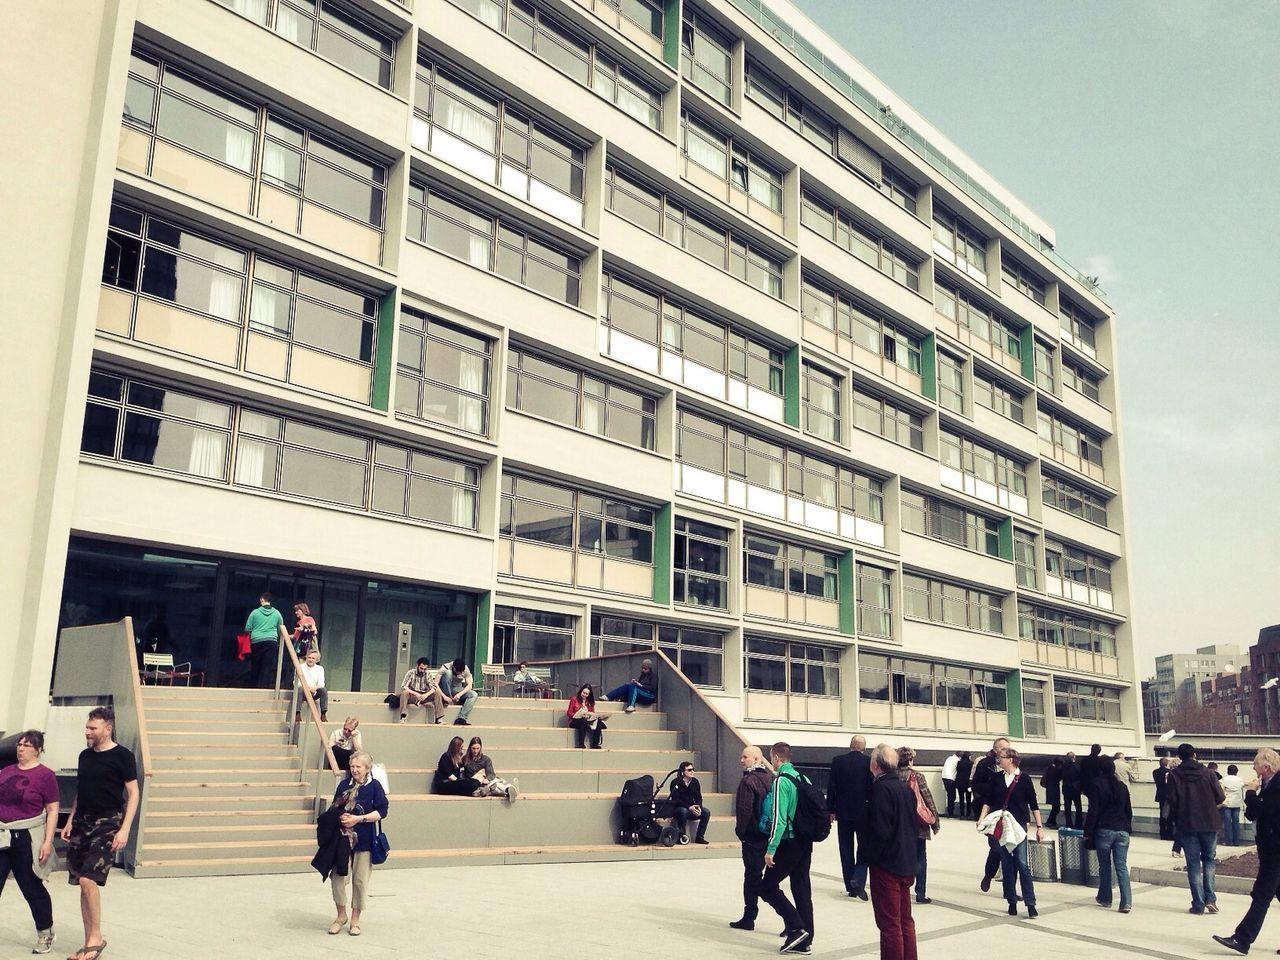 Berliner Fassaden Berliner Ansichten Architecture The Architect - 2014 EyeEm Awards